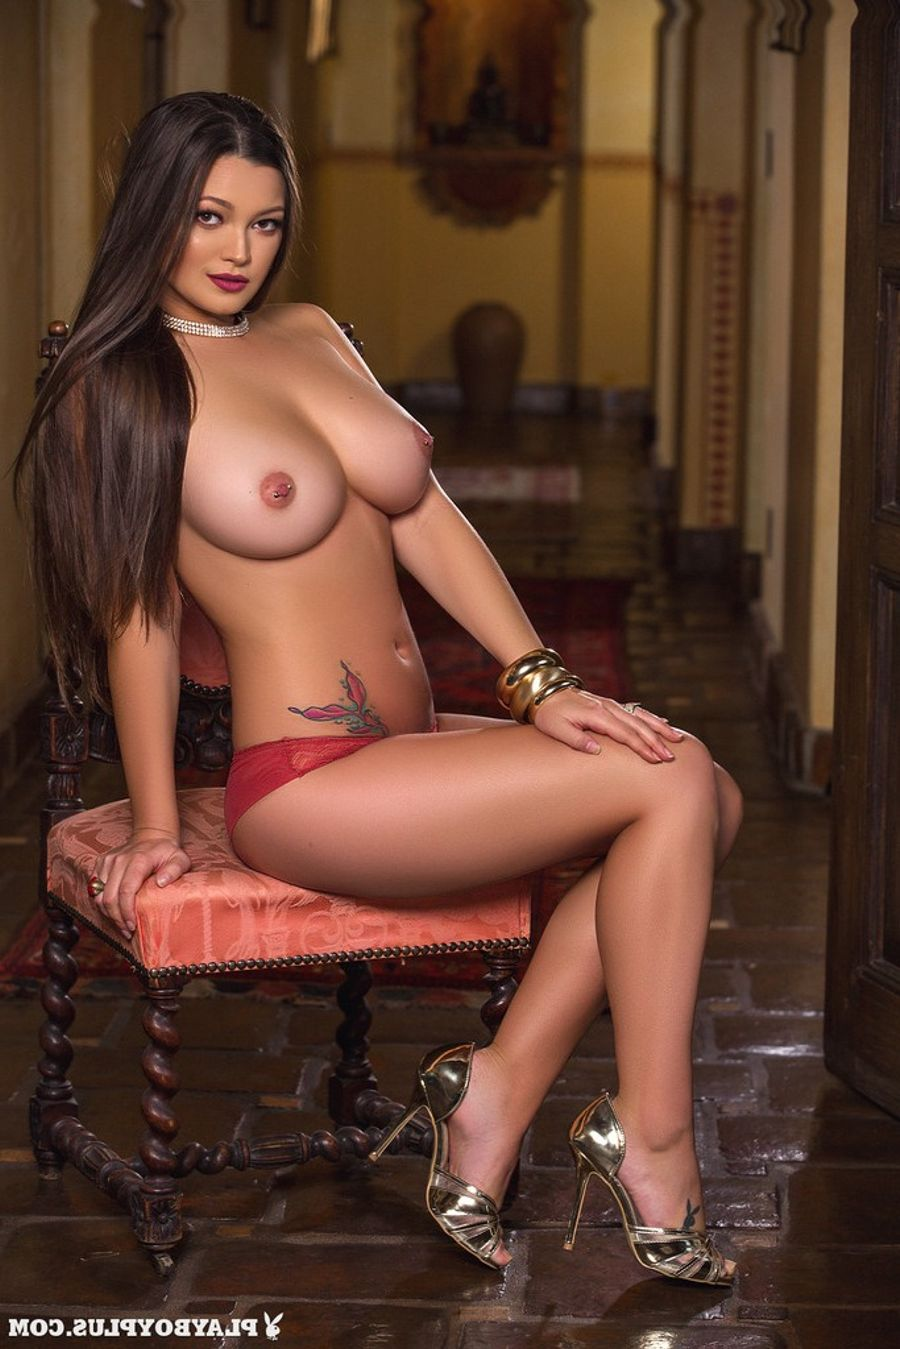 Musas Del Porno Anos 60 mega porno a photo gallery: porn pics, sex photos & xxx gifs